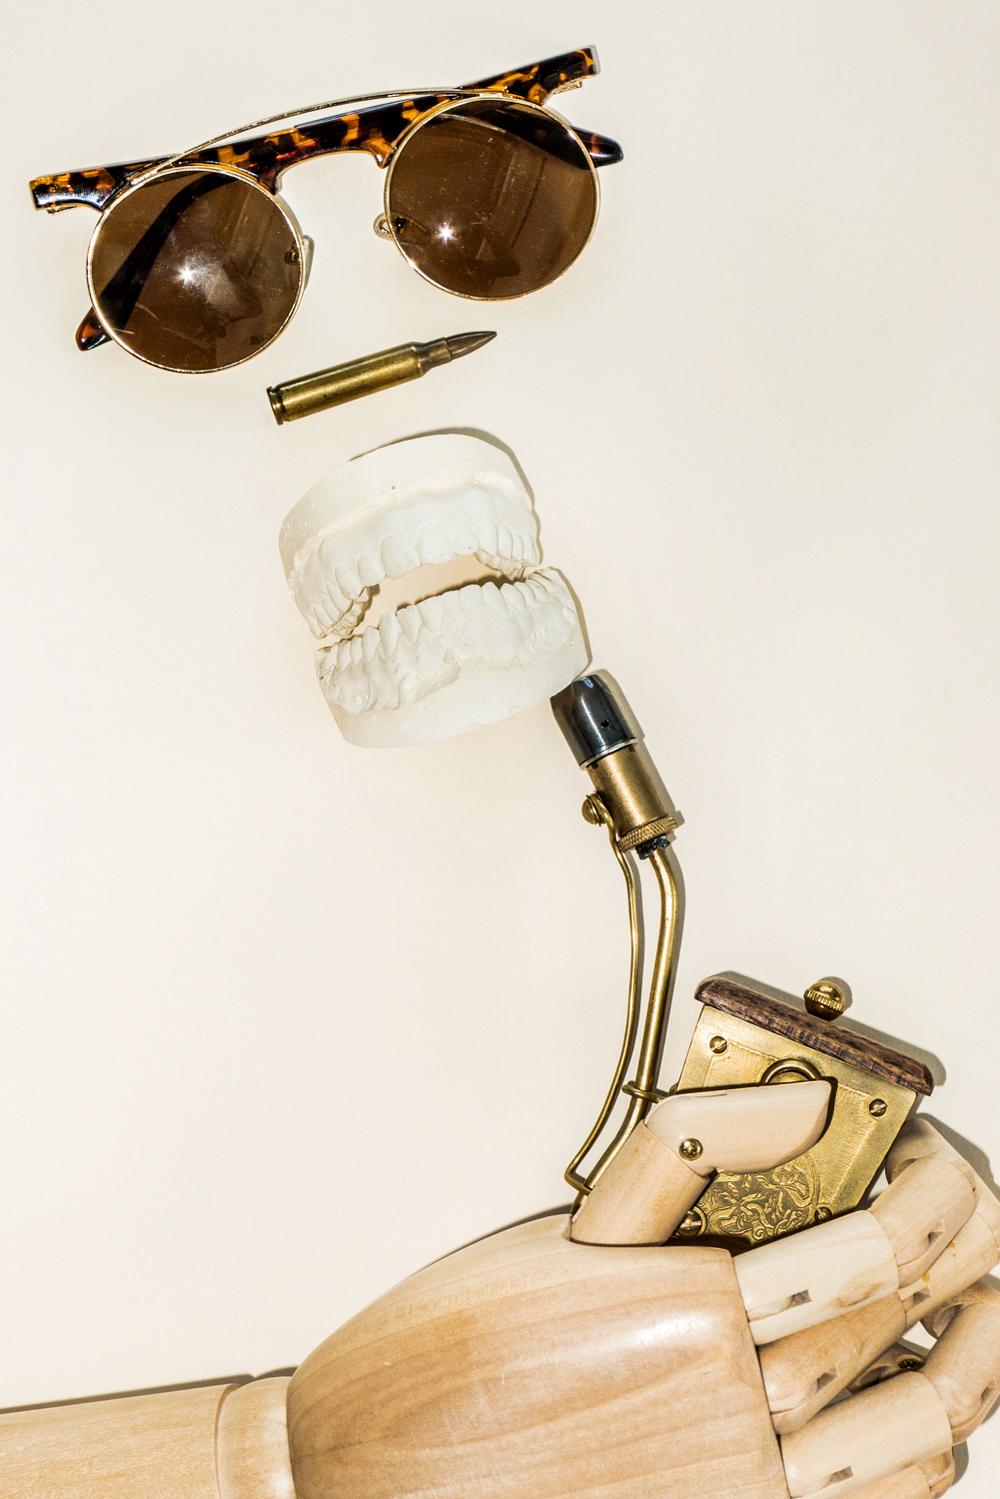 Creative Direction & Styling: Liz Gardner for Bodega Ltd. Photo: Colin Michael Simons